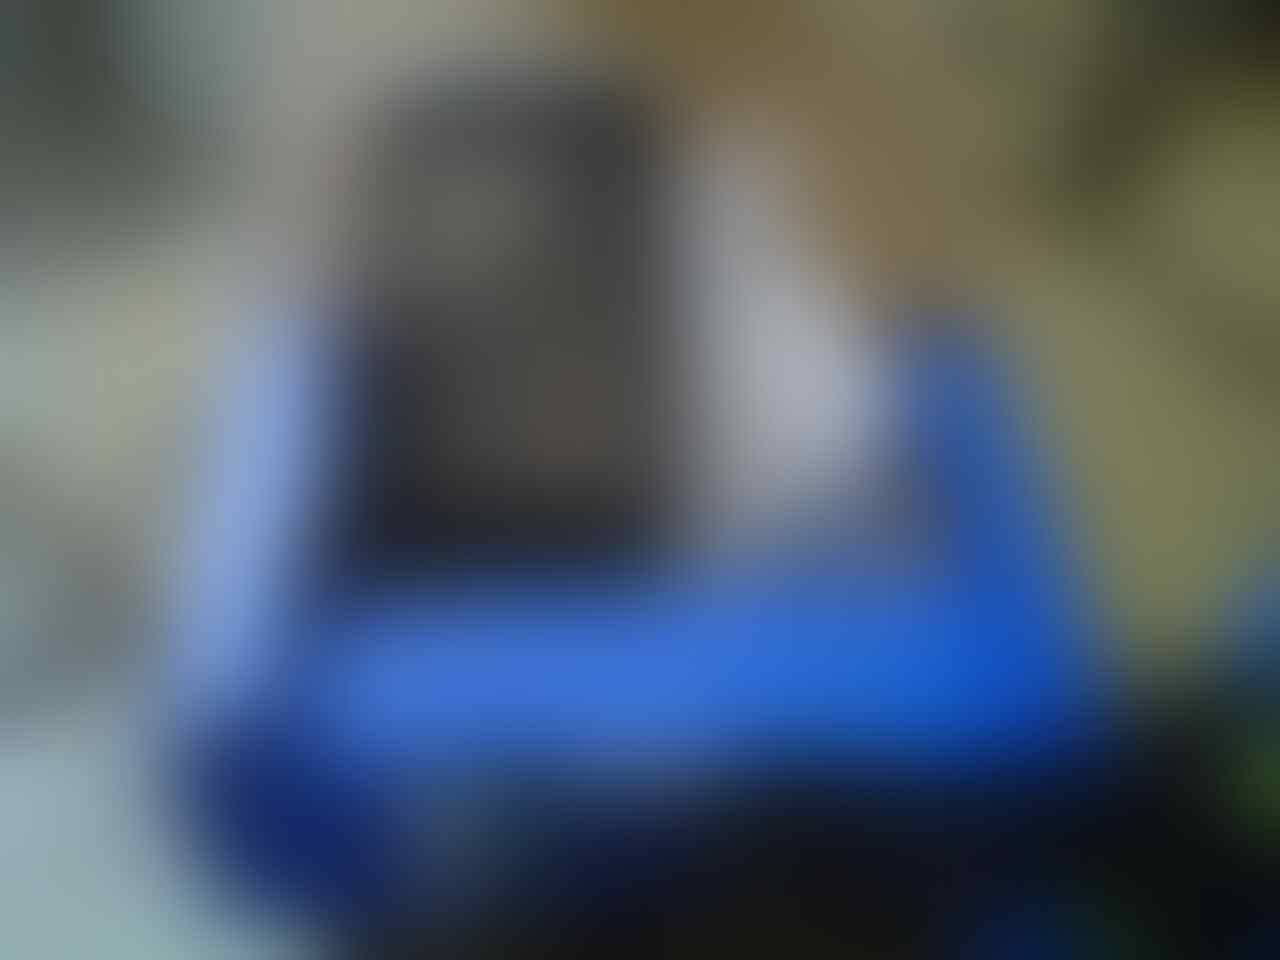 Nokia Asha 306 WIFI